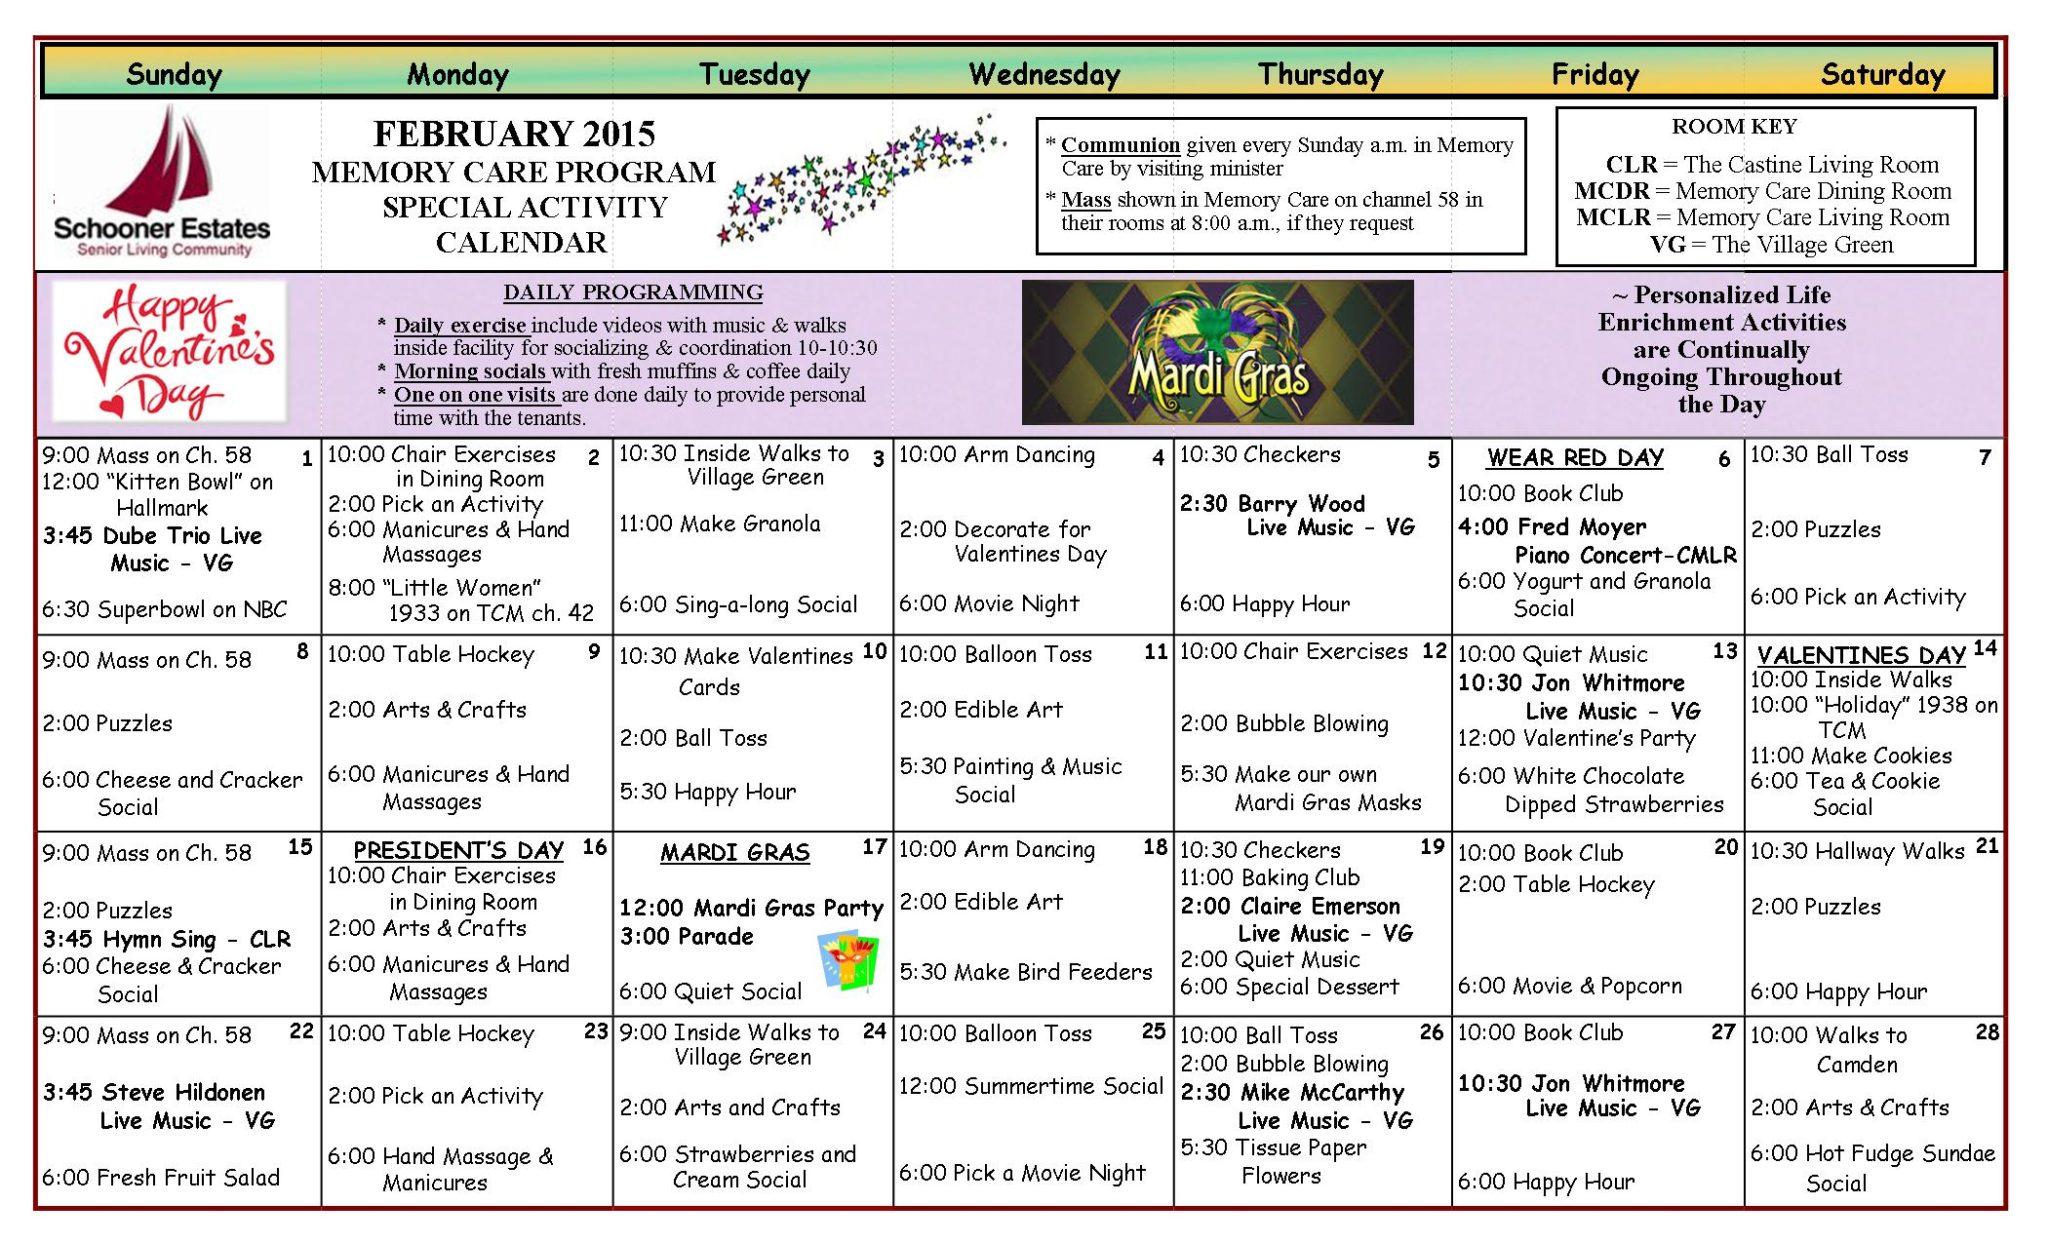 Memory Care Calendar February 2015